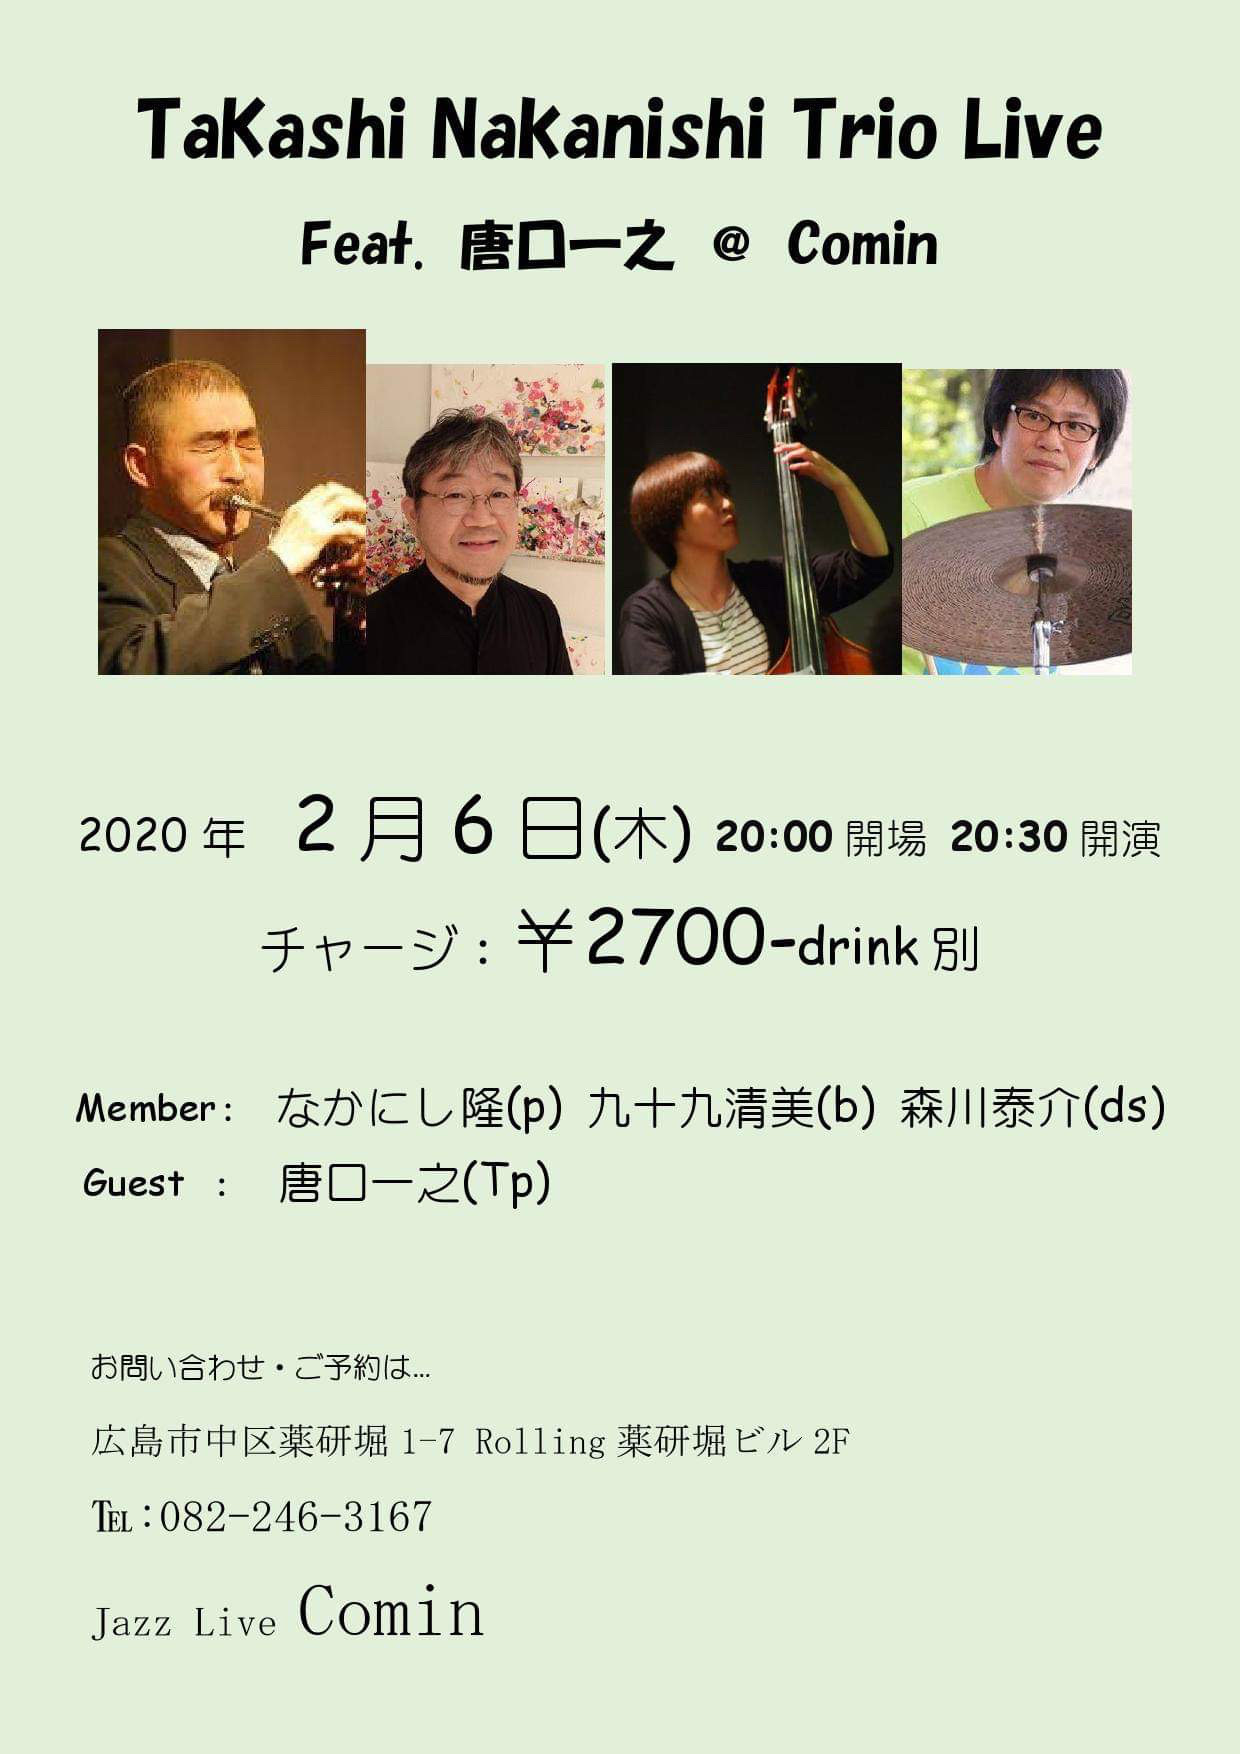 広島 Jazzlive Cominジャズライブカミン   本日2月6日木曜日のライブ_b0115606_11594609.jpeg